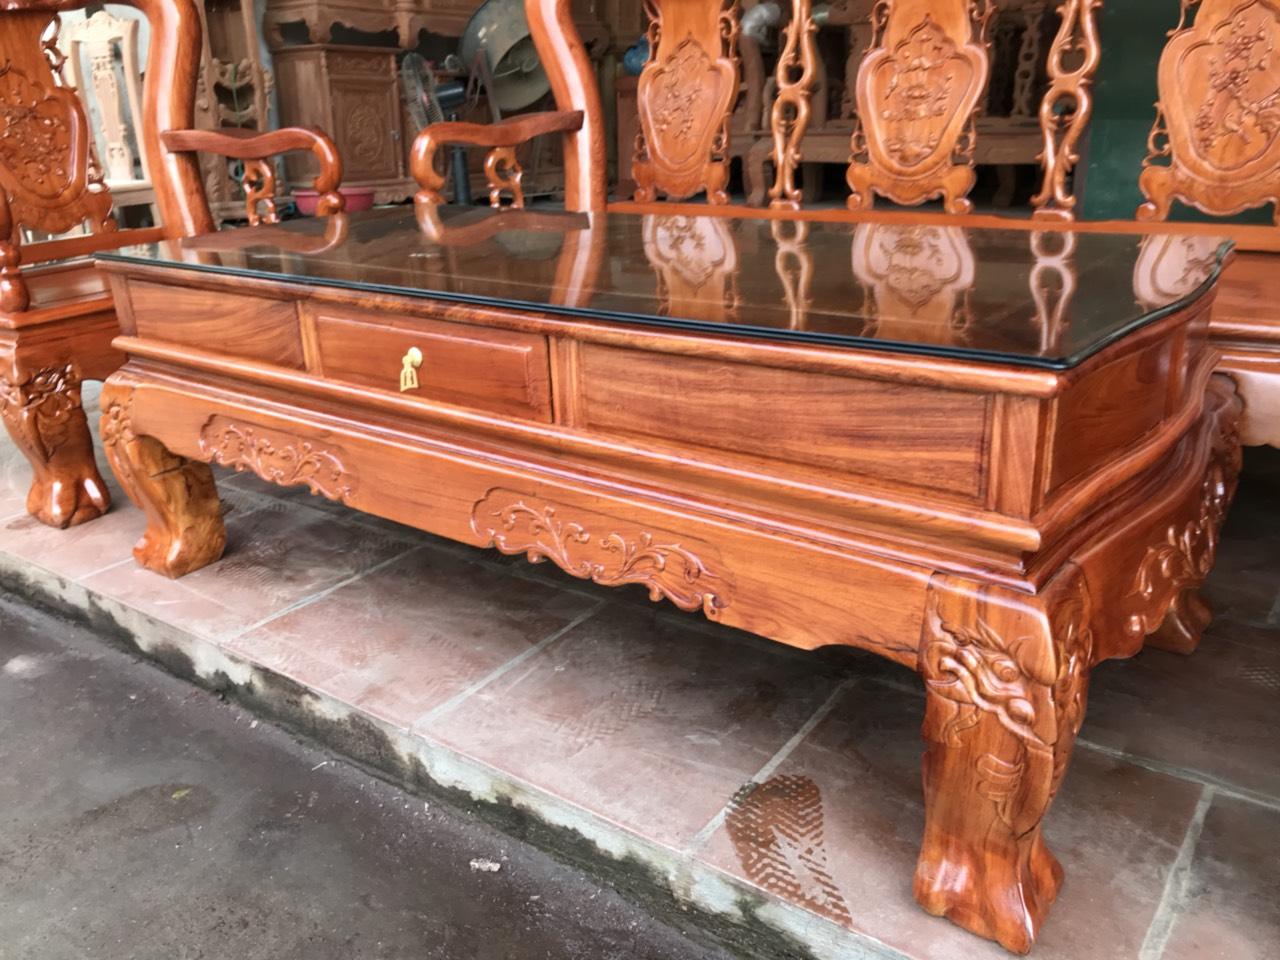 891671b774fc89a2d0ed - Bộ bàn ghế Minh Quốc đào tay 12 gỗ hương đá siêu đẹp